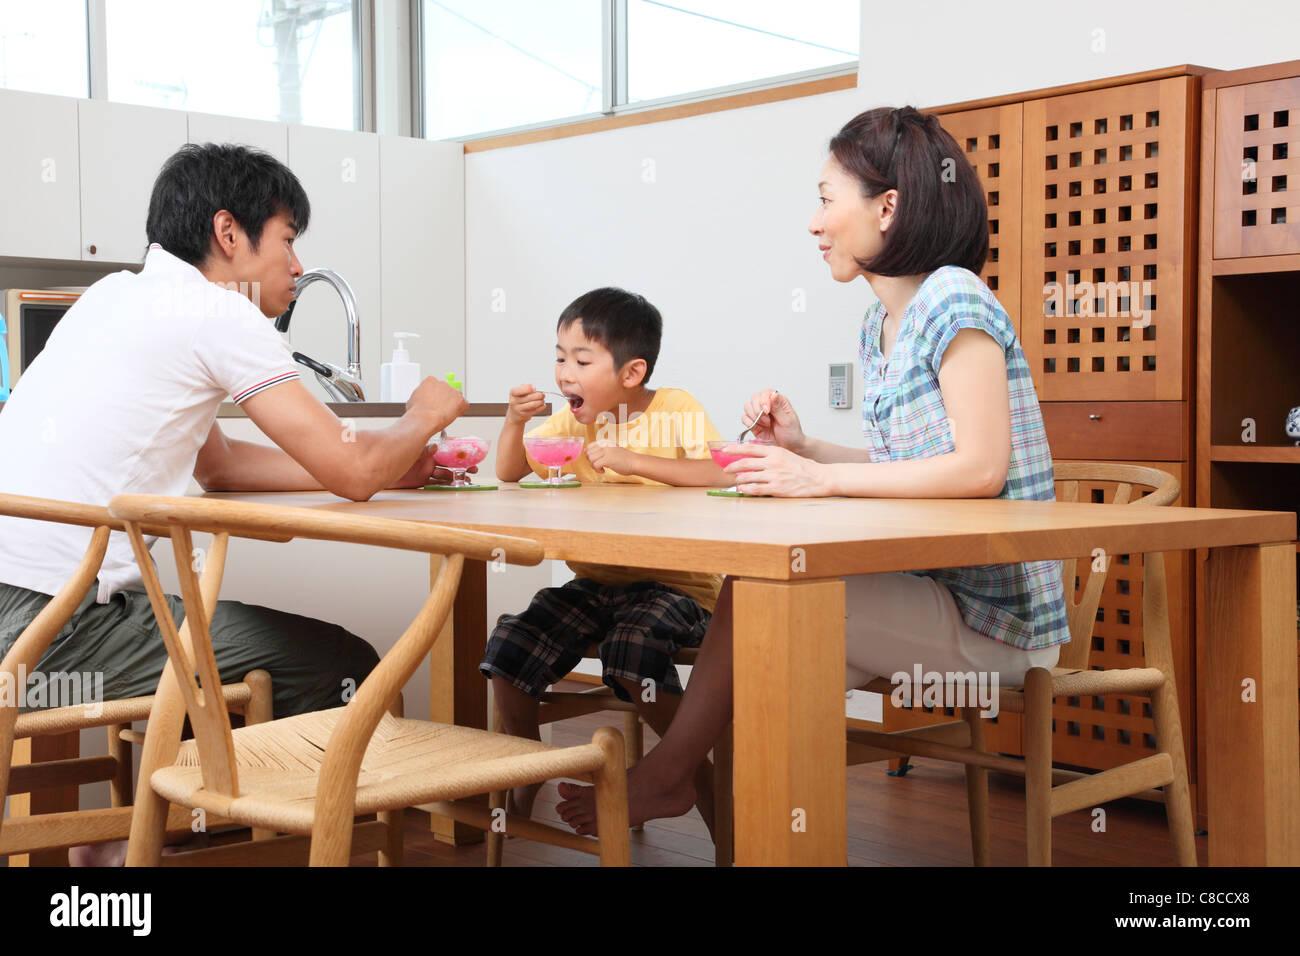 Familia comiendo shaved ice juntos Foto de stock